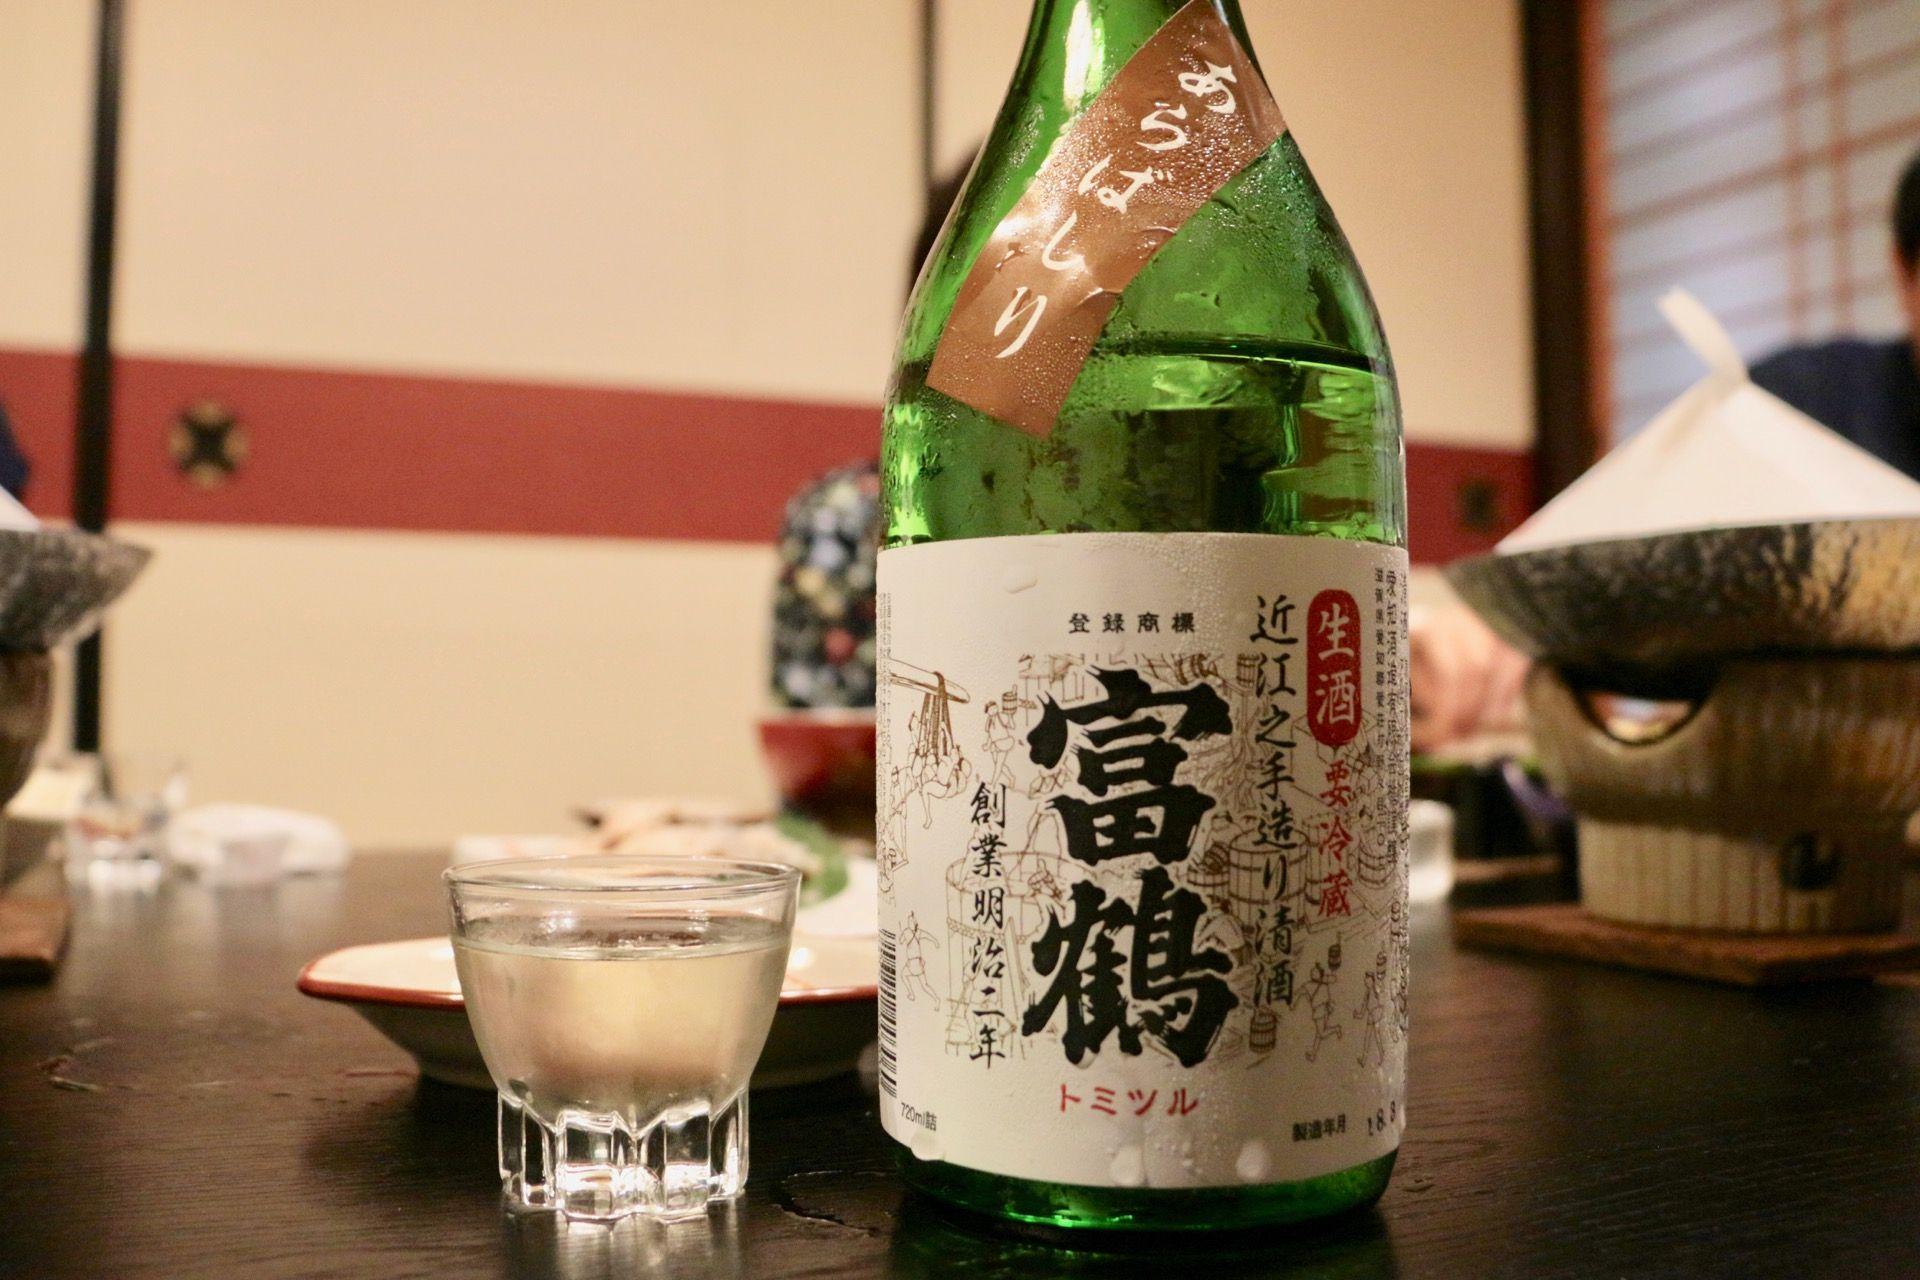 富鶴 あらばしり 生酒|日本酒テイスティングノート